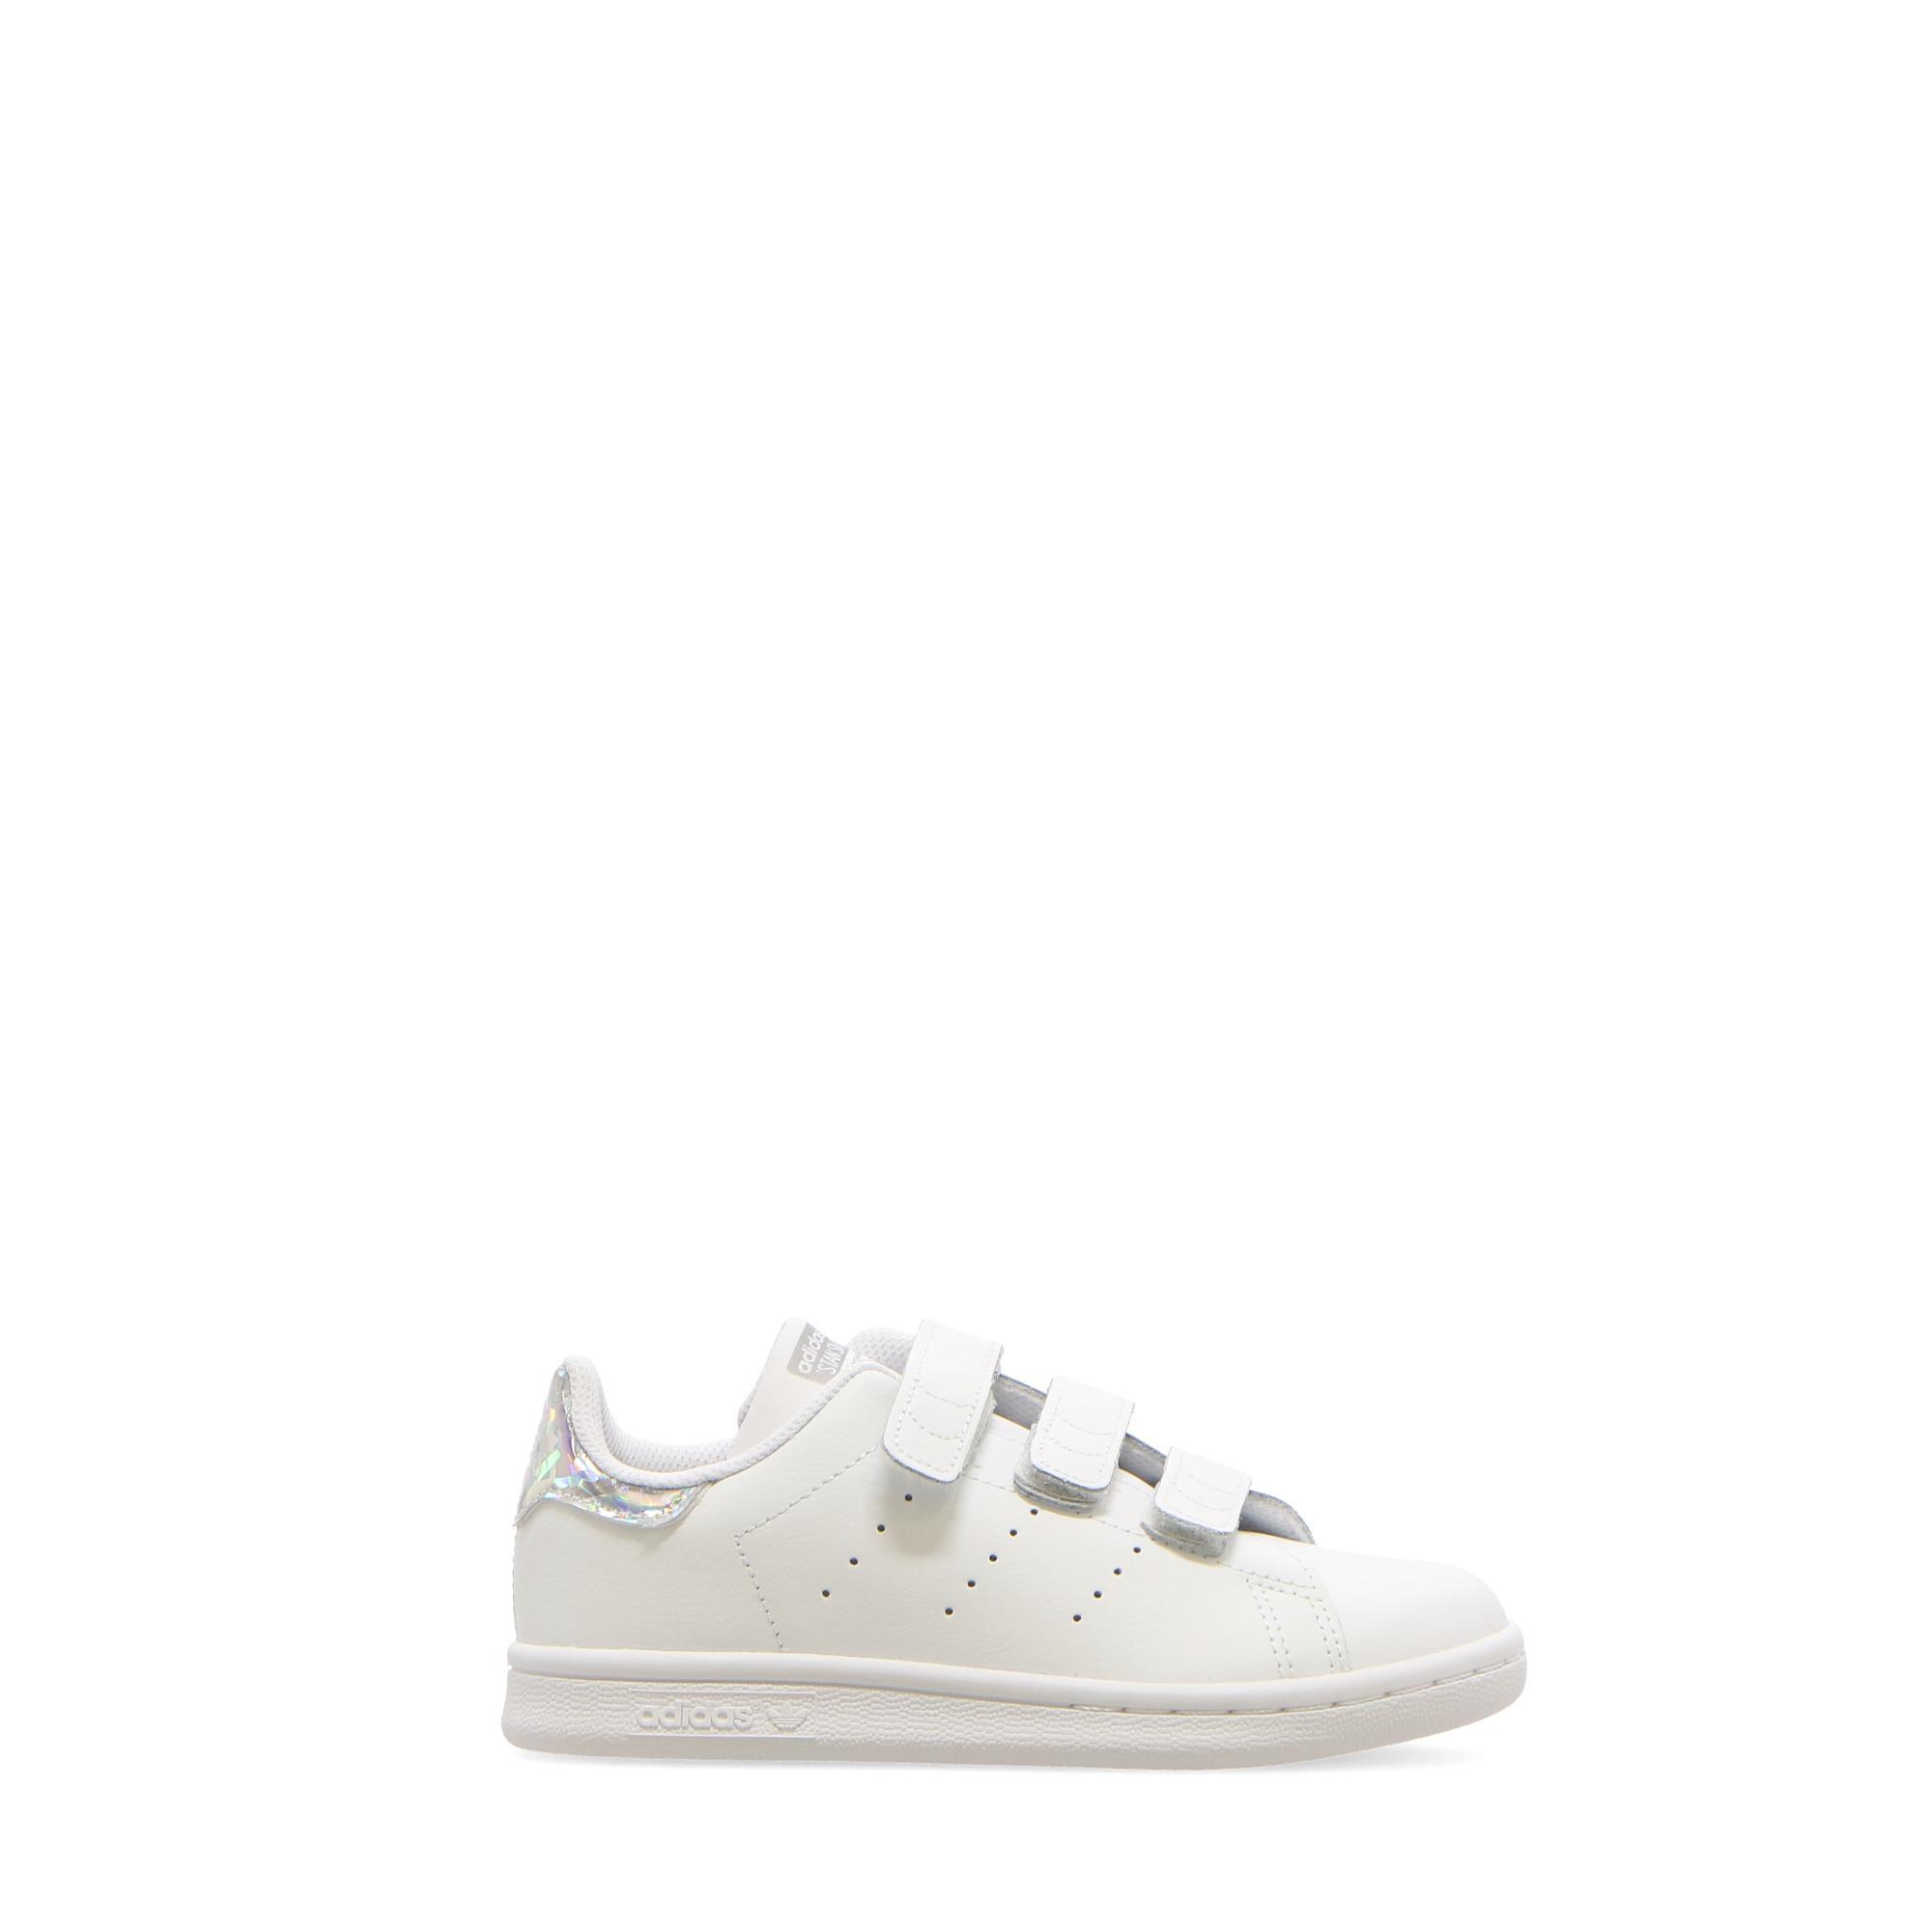 Adidas Stan Smith Cf C White white core black